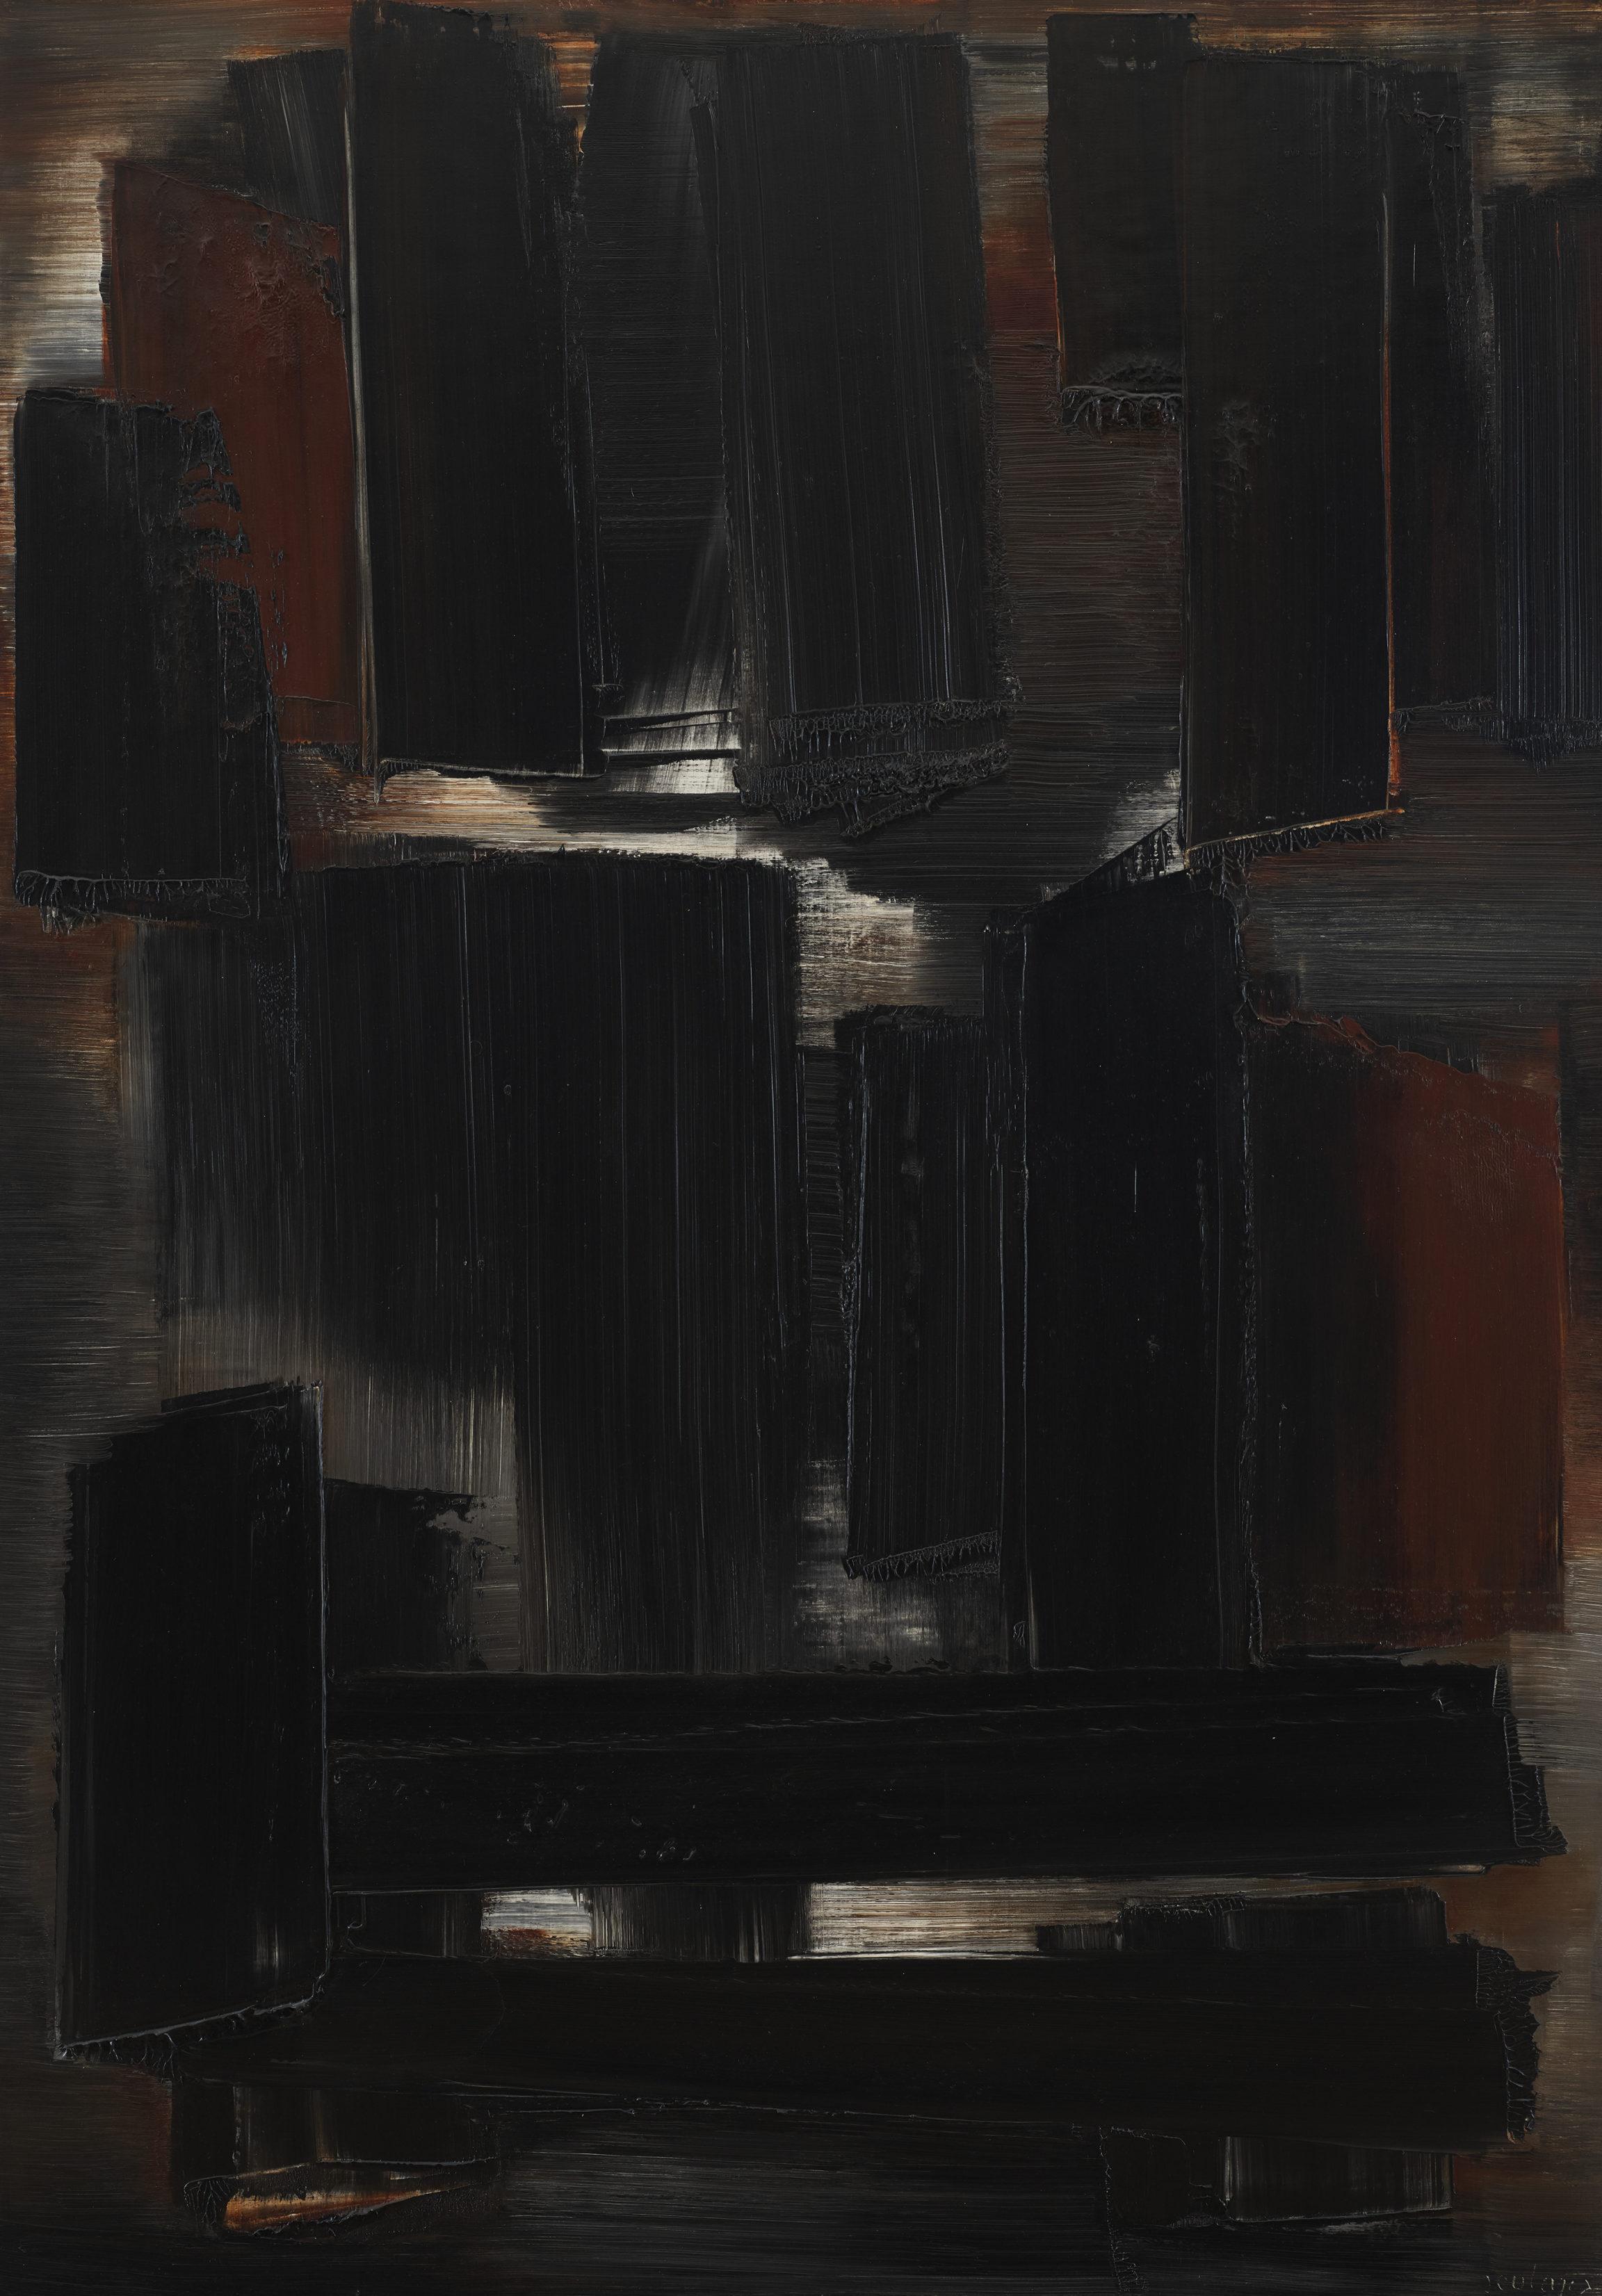 Pierre Soulages, Peinture (Painting), 1956